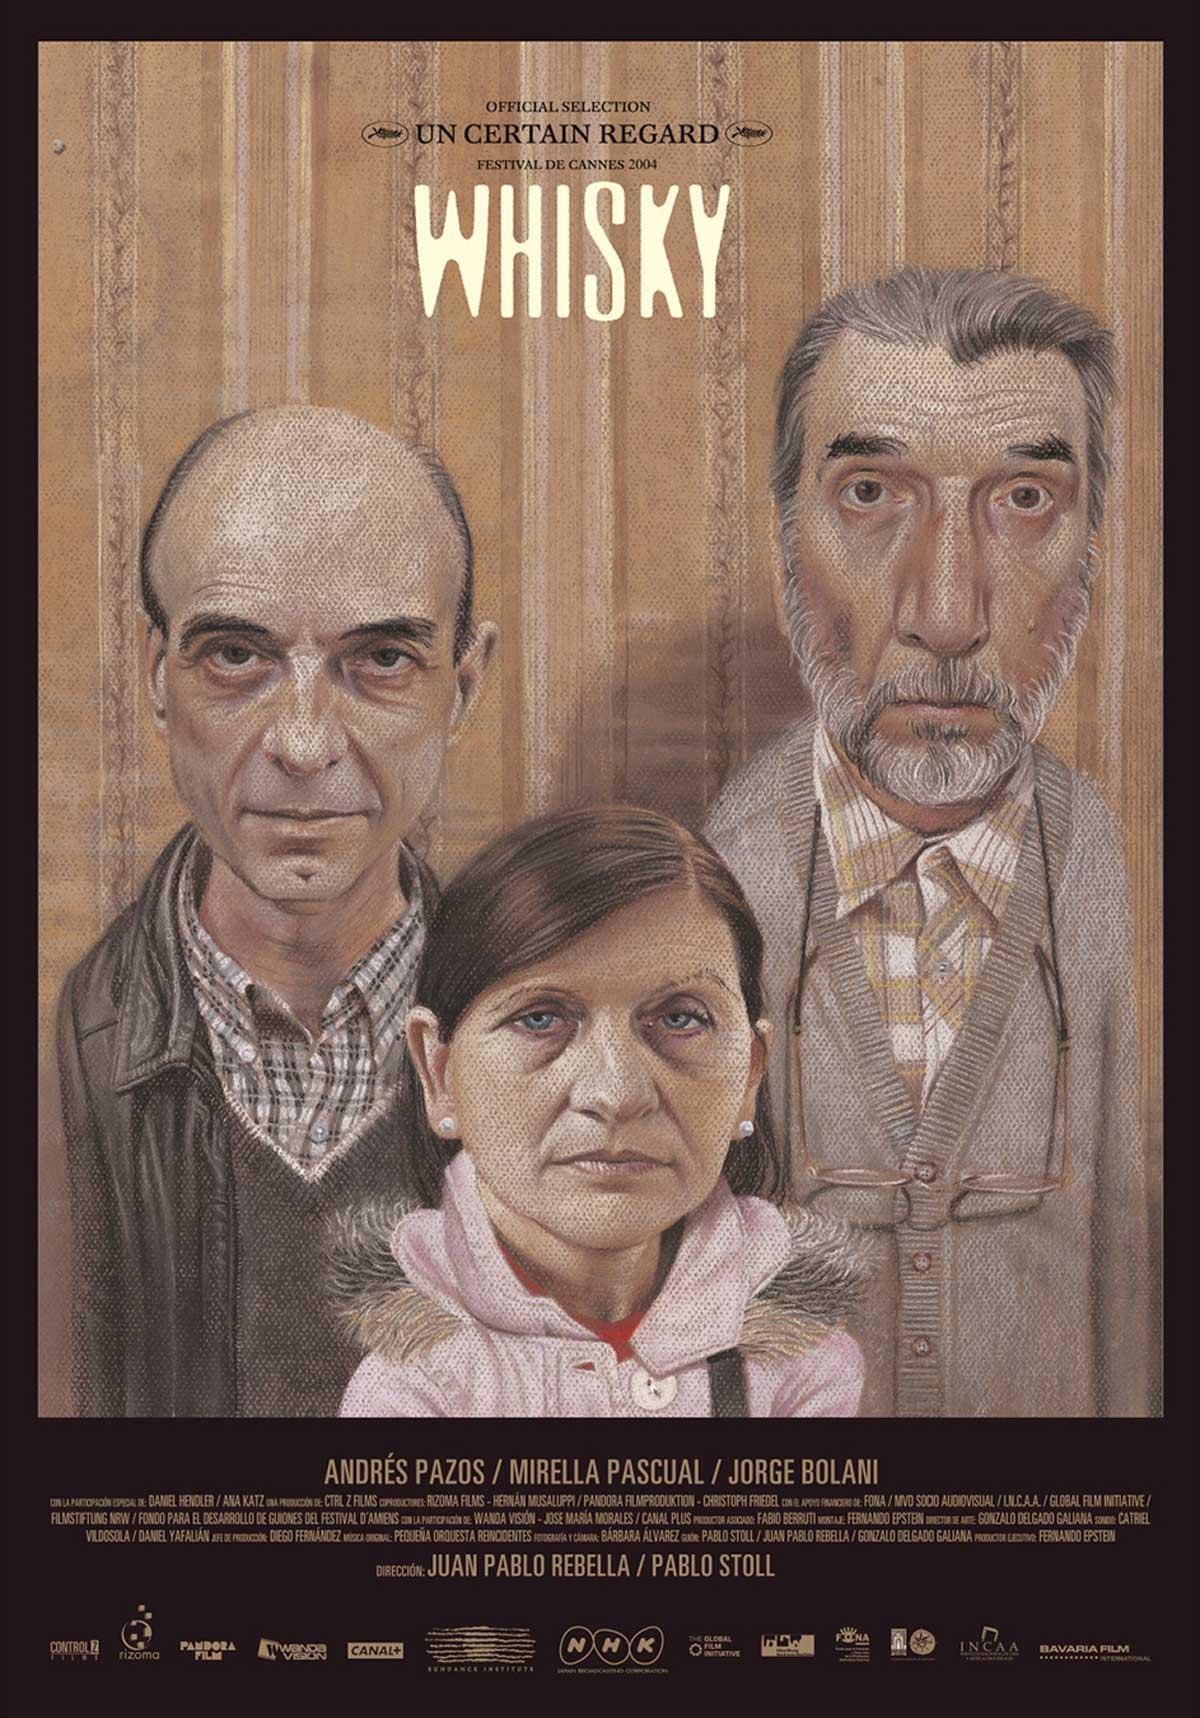 Slanted-1200px-Whisky-✺-Movie-✺-Design-Luis-Bellagamba,-Ilustración-Martín-Verges-✺-2004